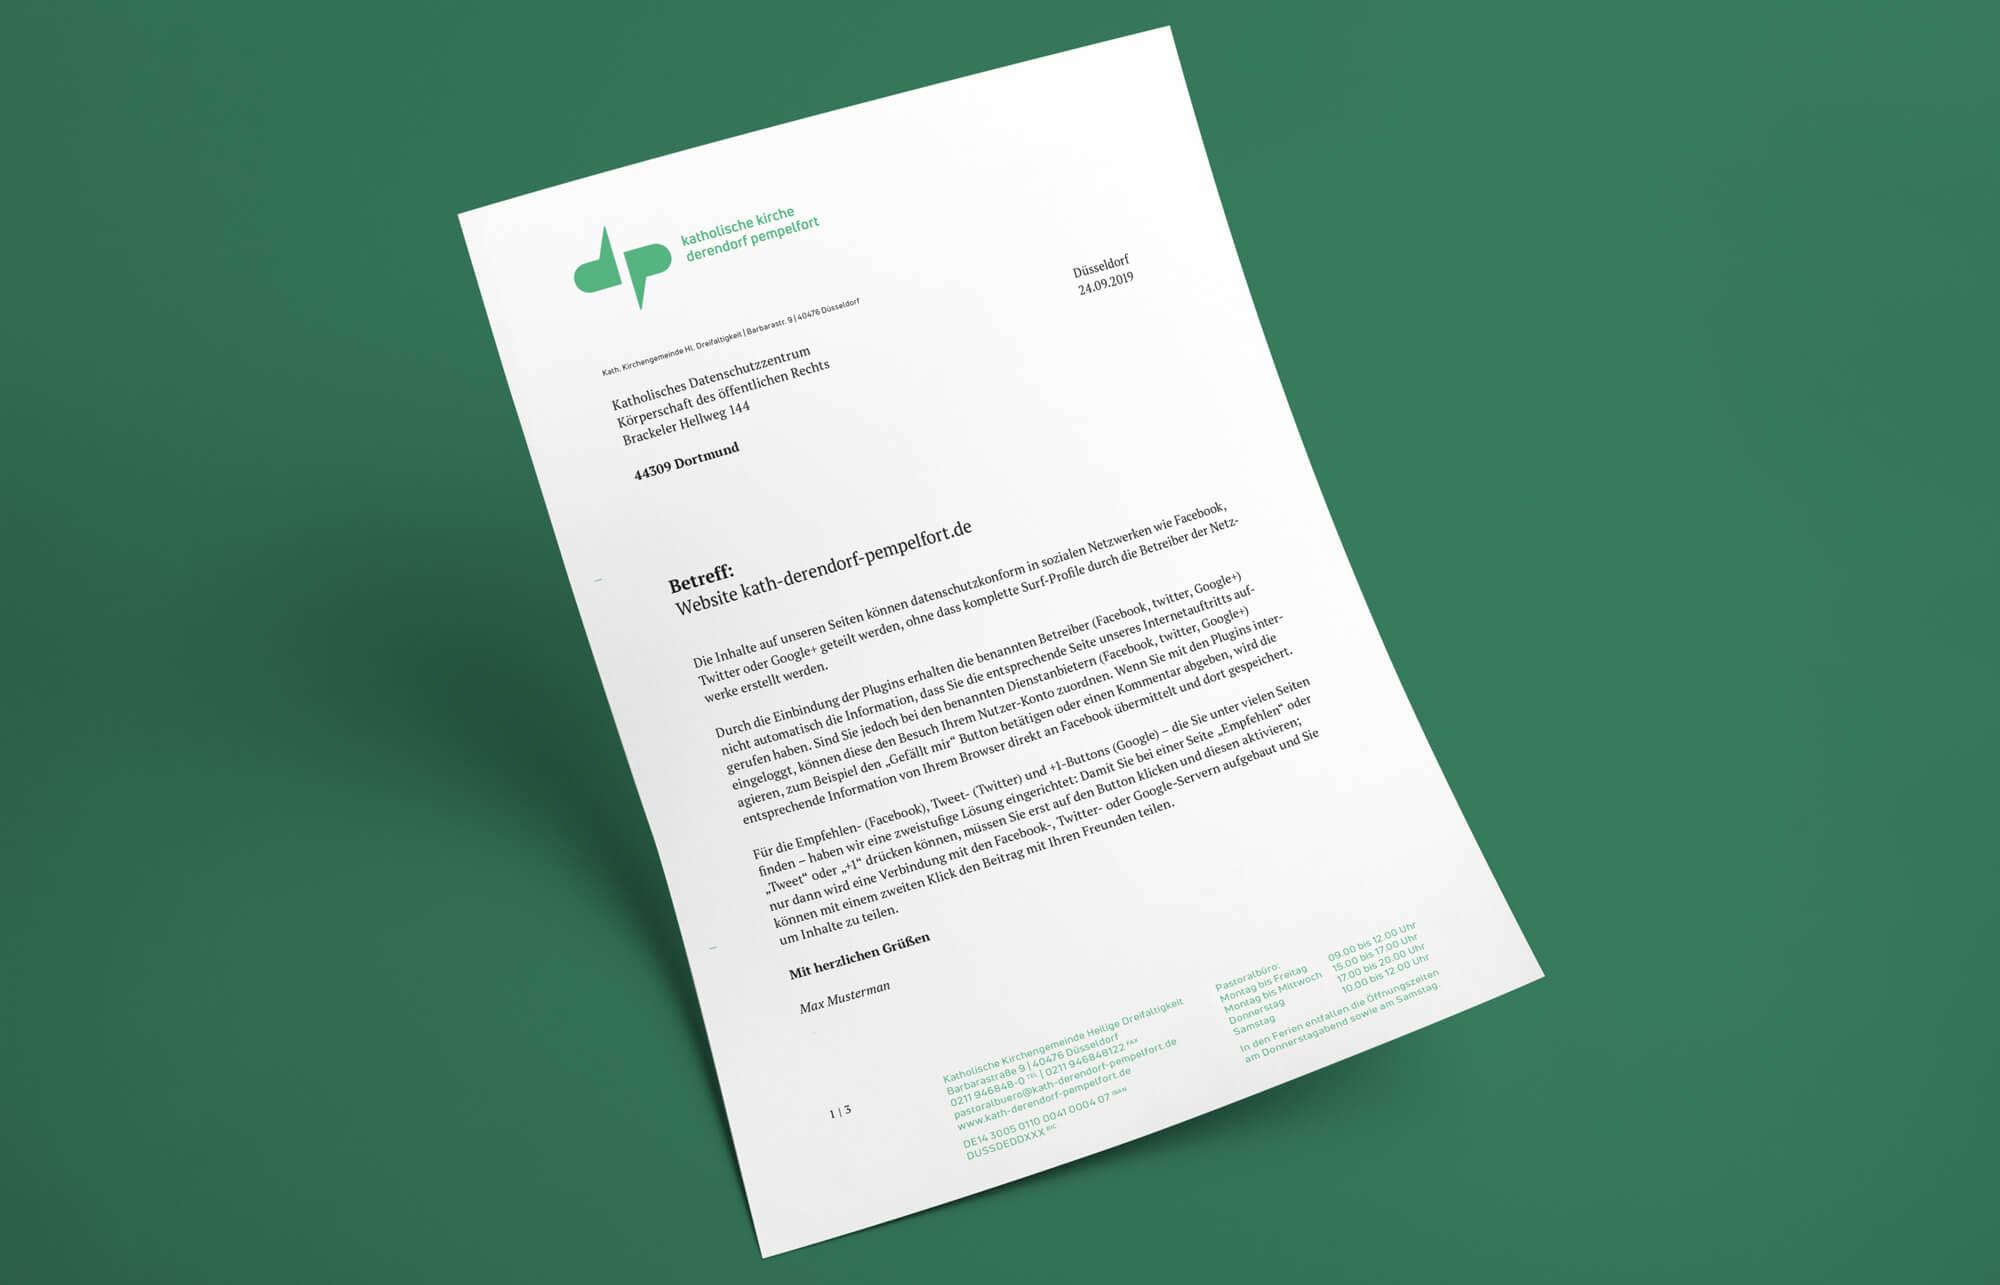 Katholische Kirchengemeinde Derendorf Pempelfort Düsseldorf Briefbogen Corporate Design